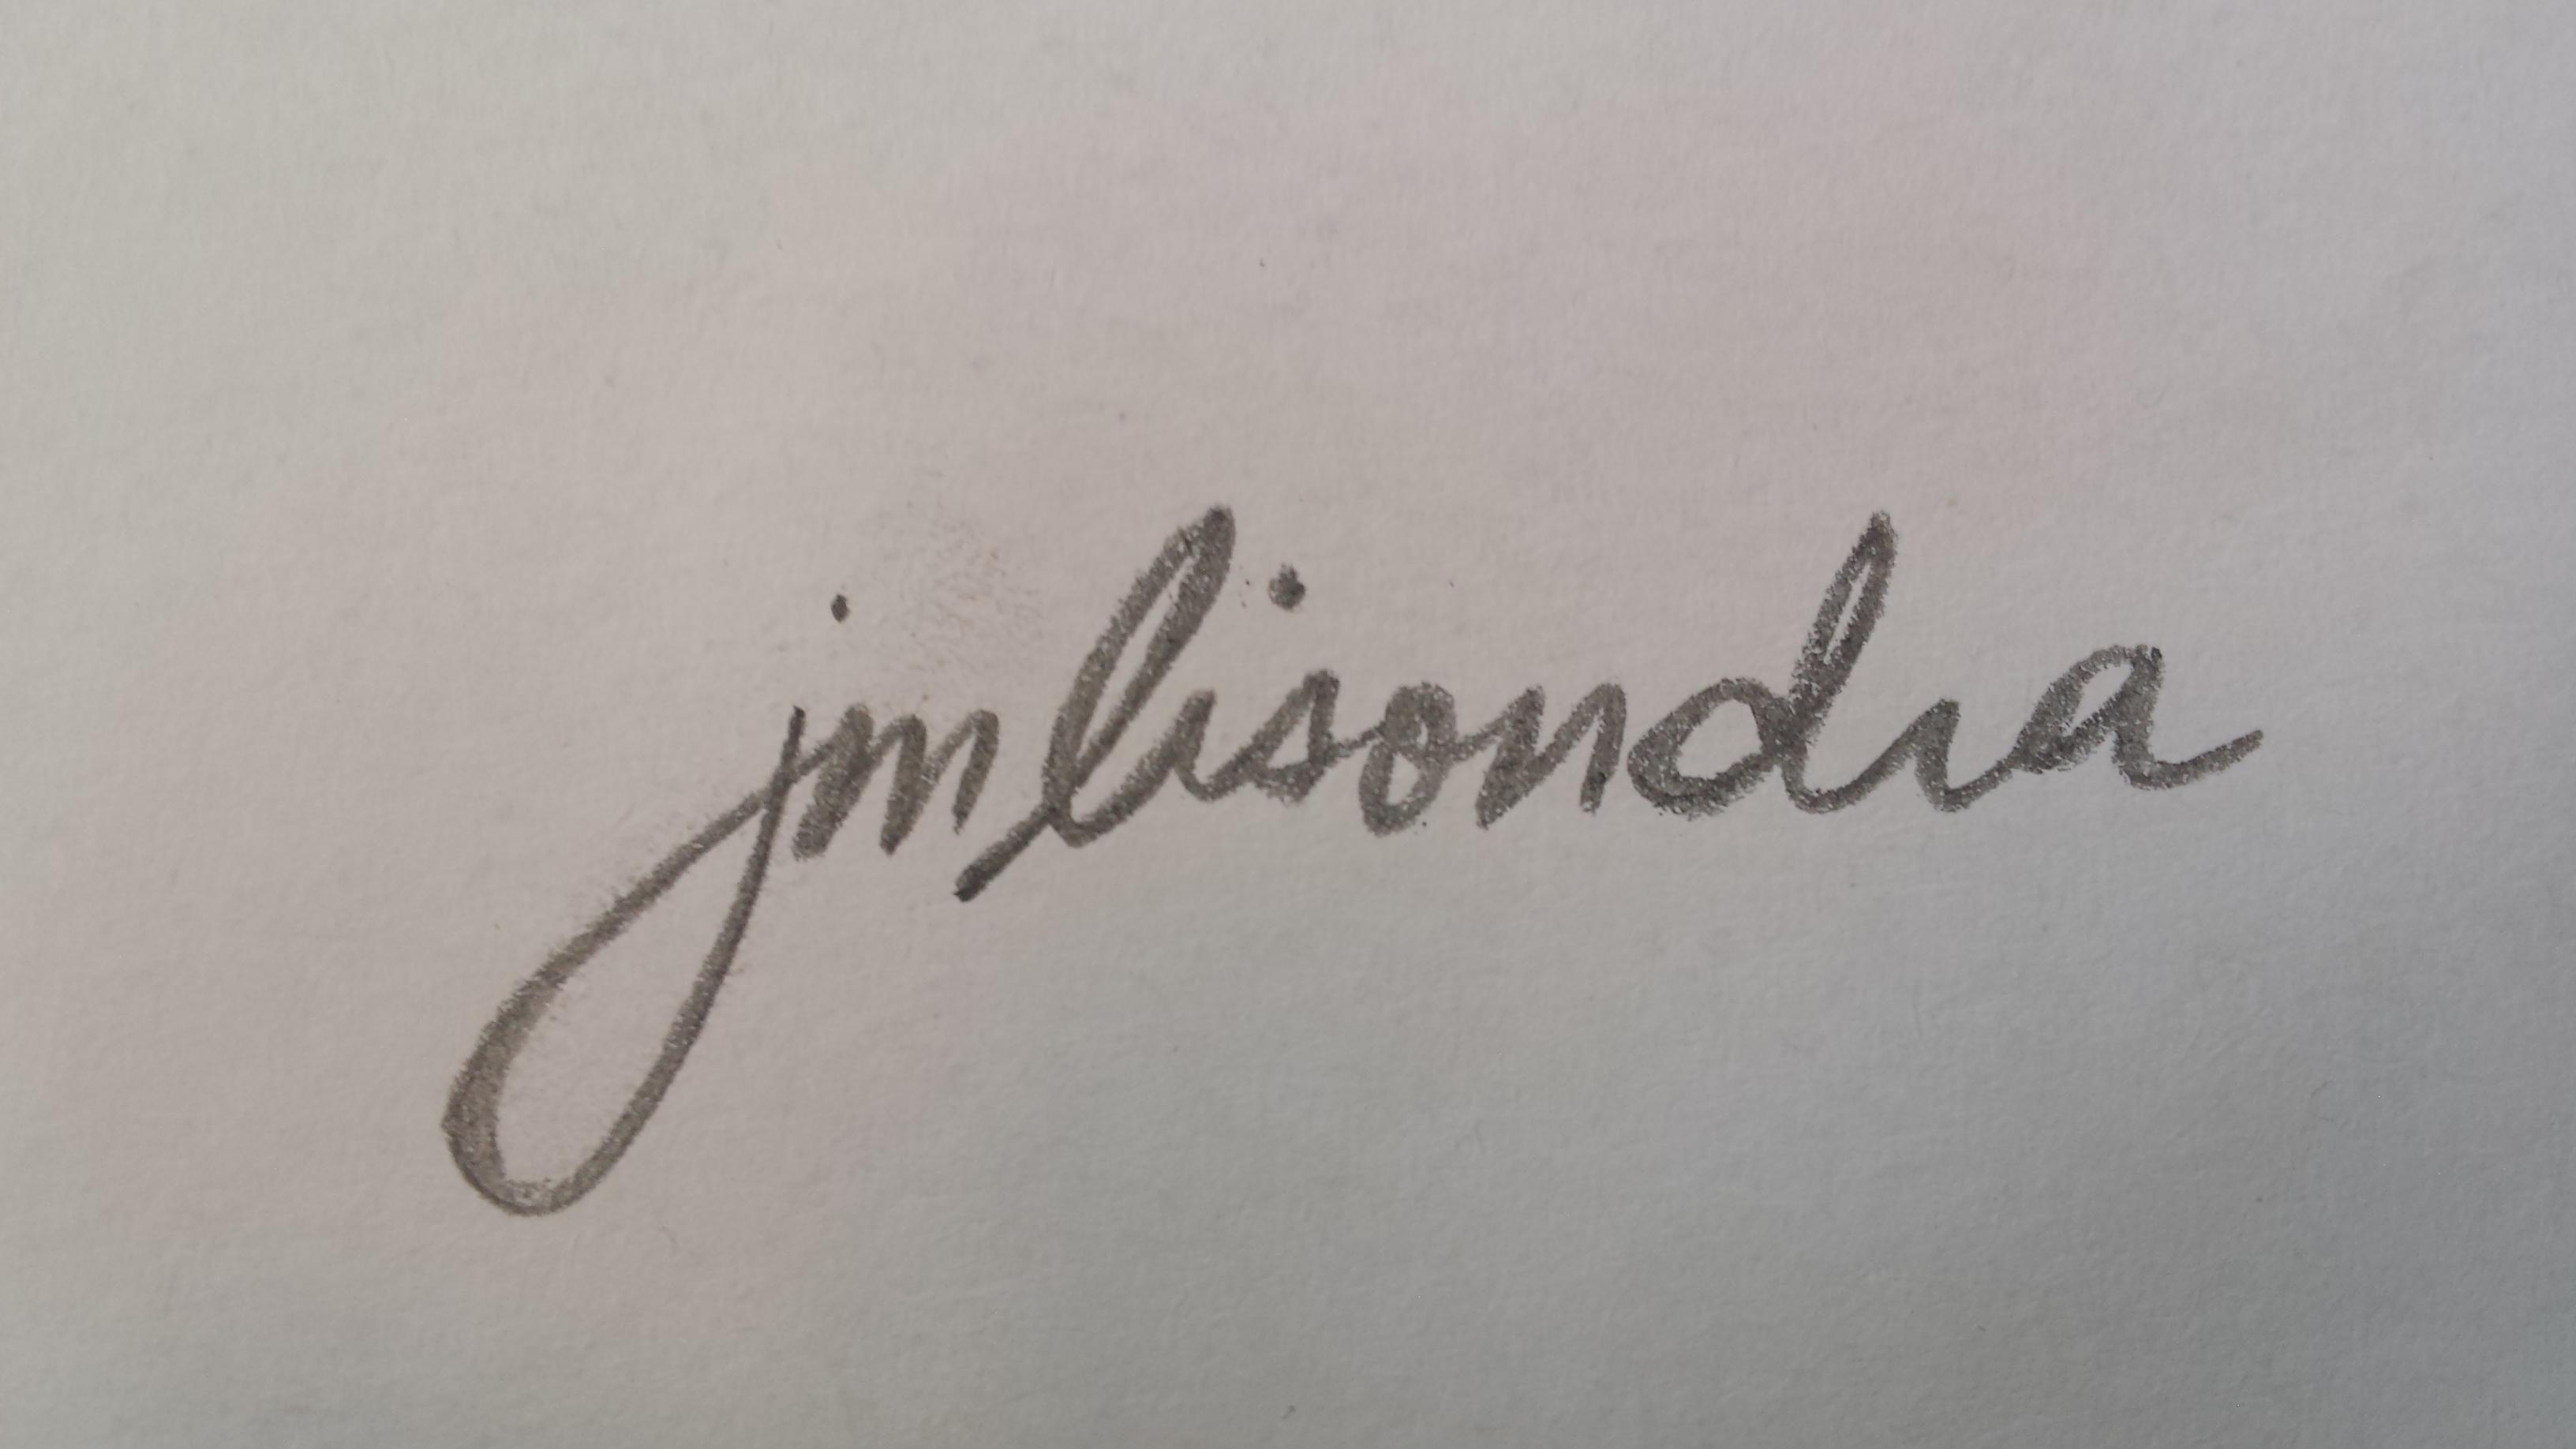 John Magne Lisondra Signature